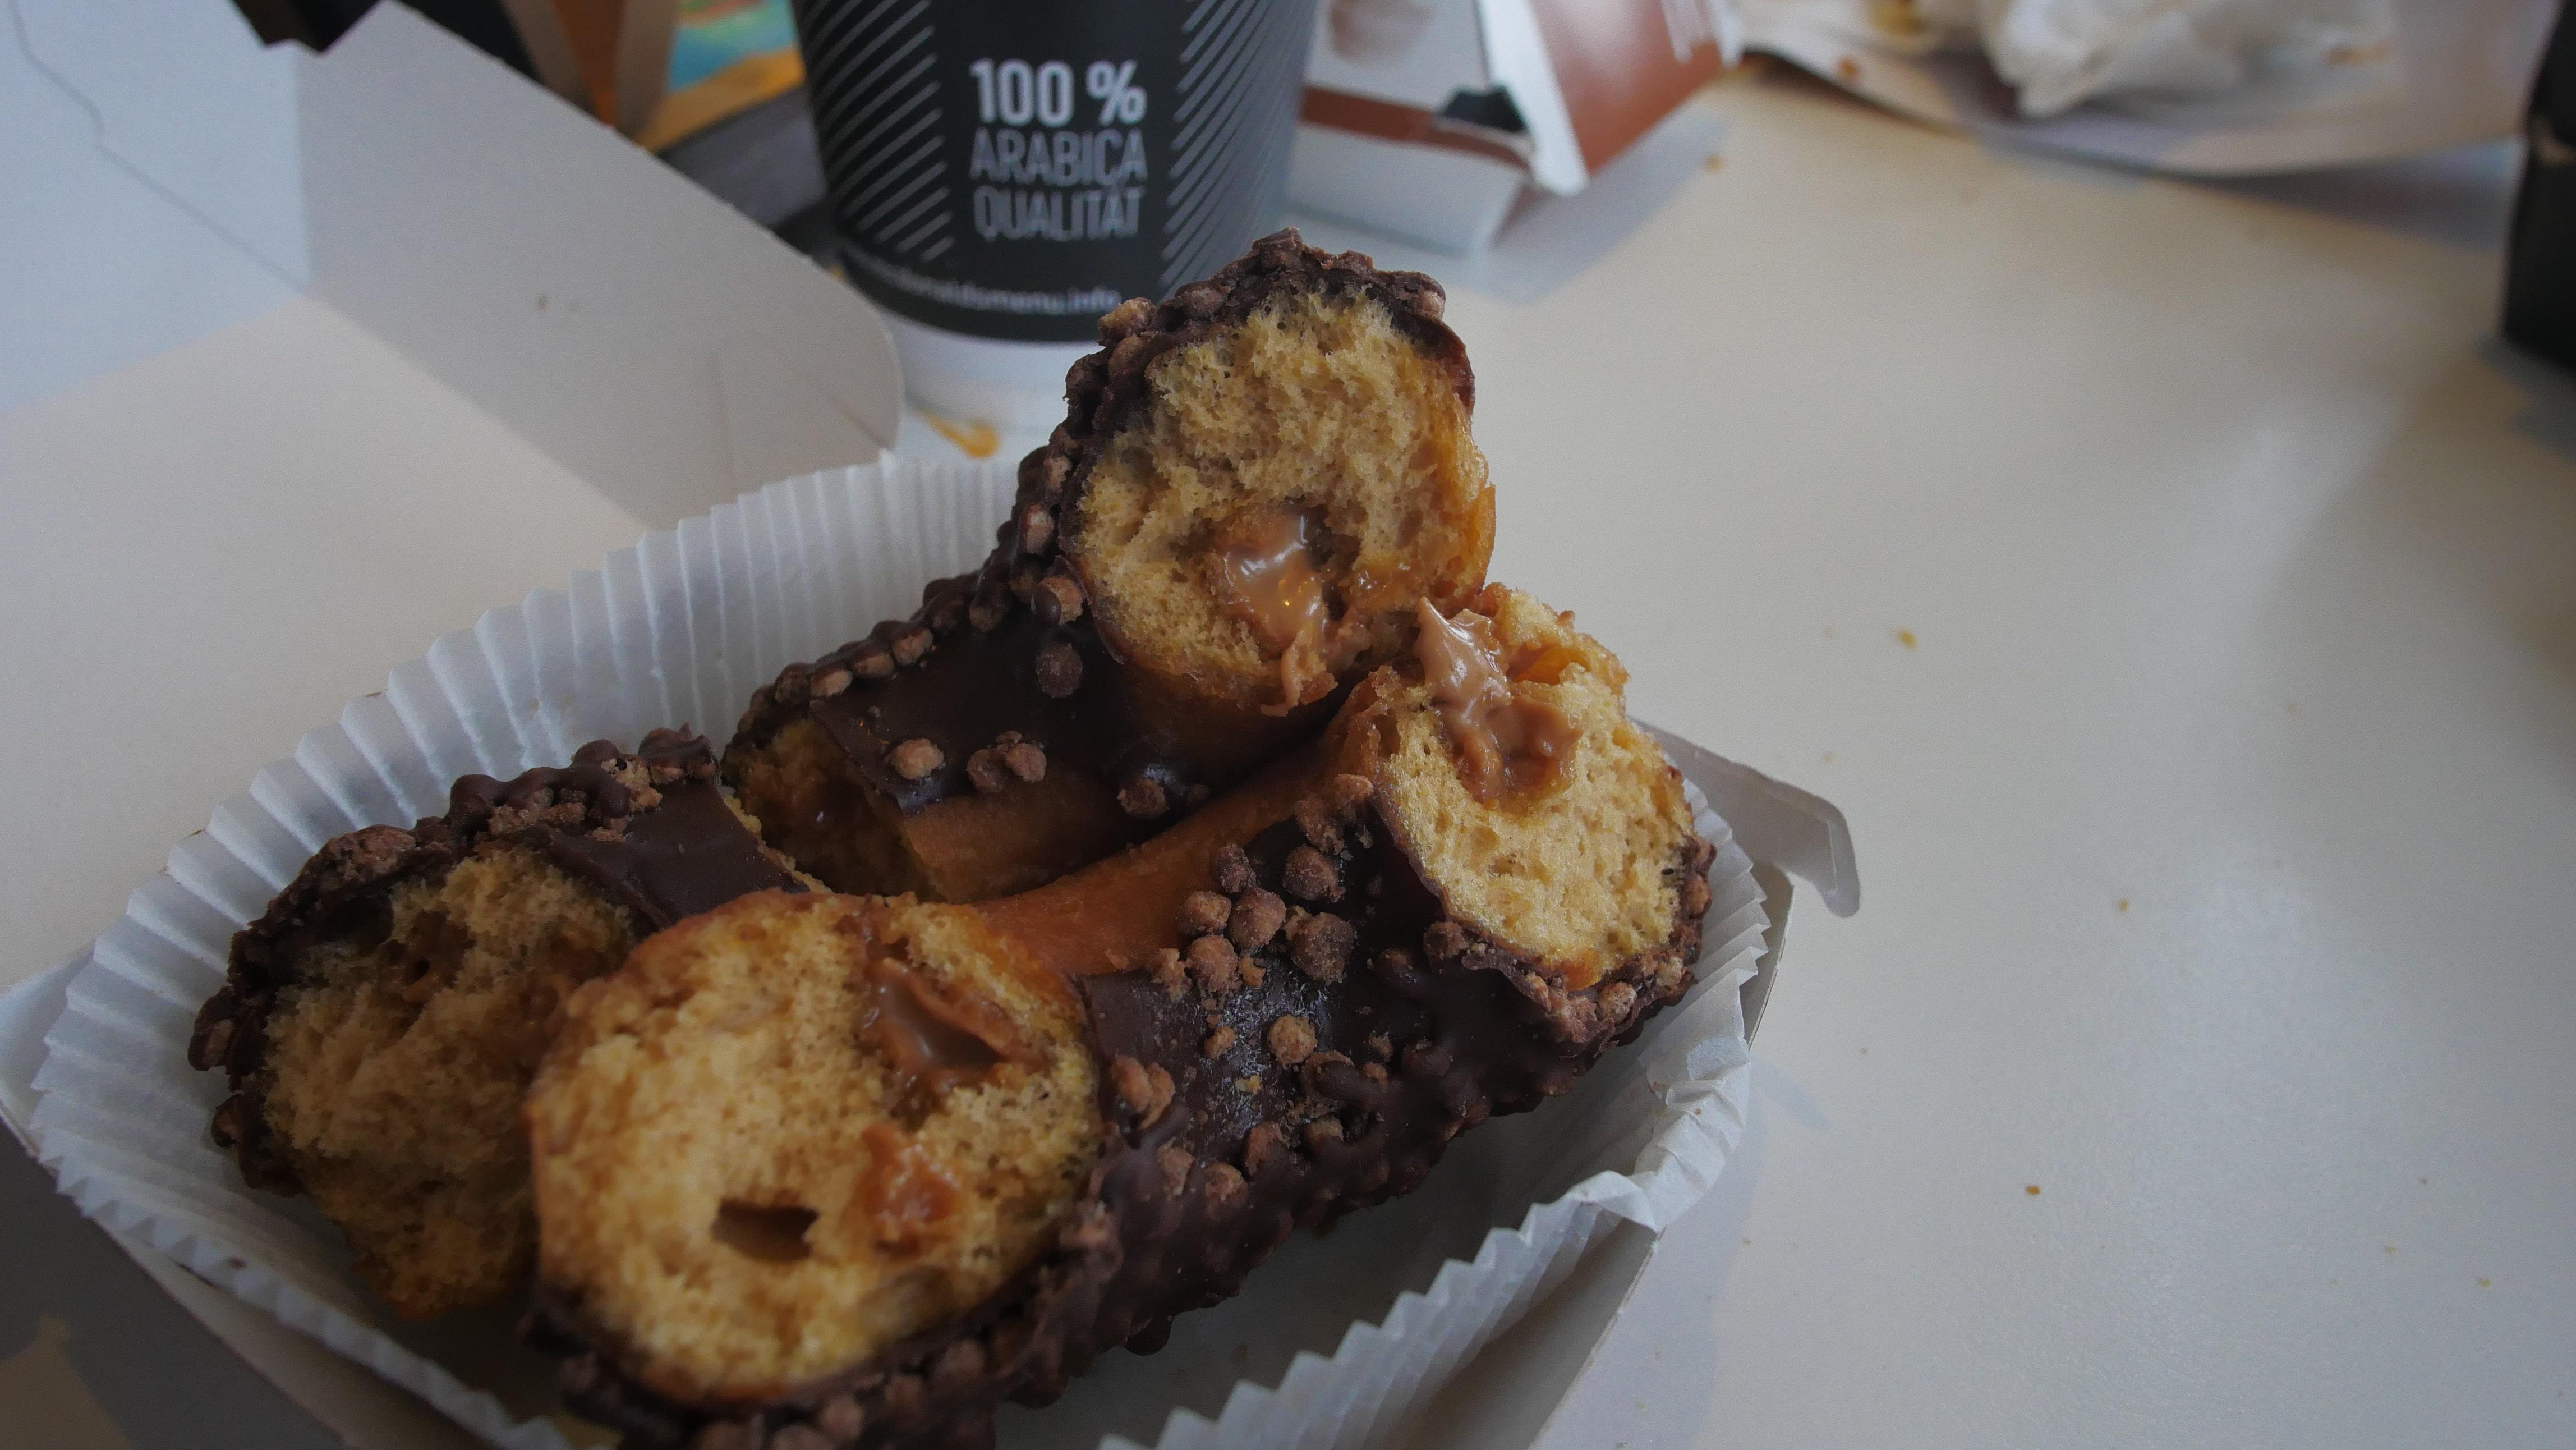 Донатс вкусный, но мало карамельной начинки. Понравилась шоколадная глазурь с кукурузными хлопьями сверху. начинка